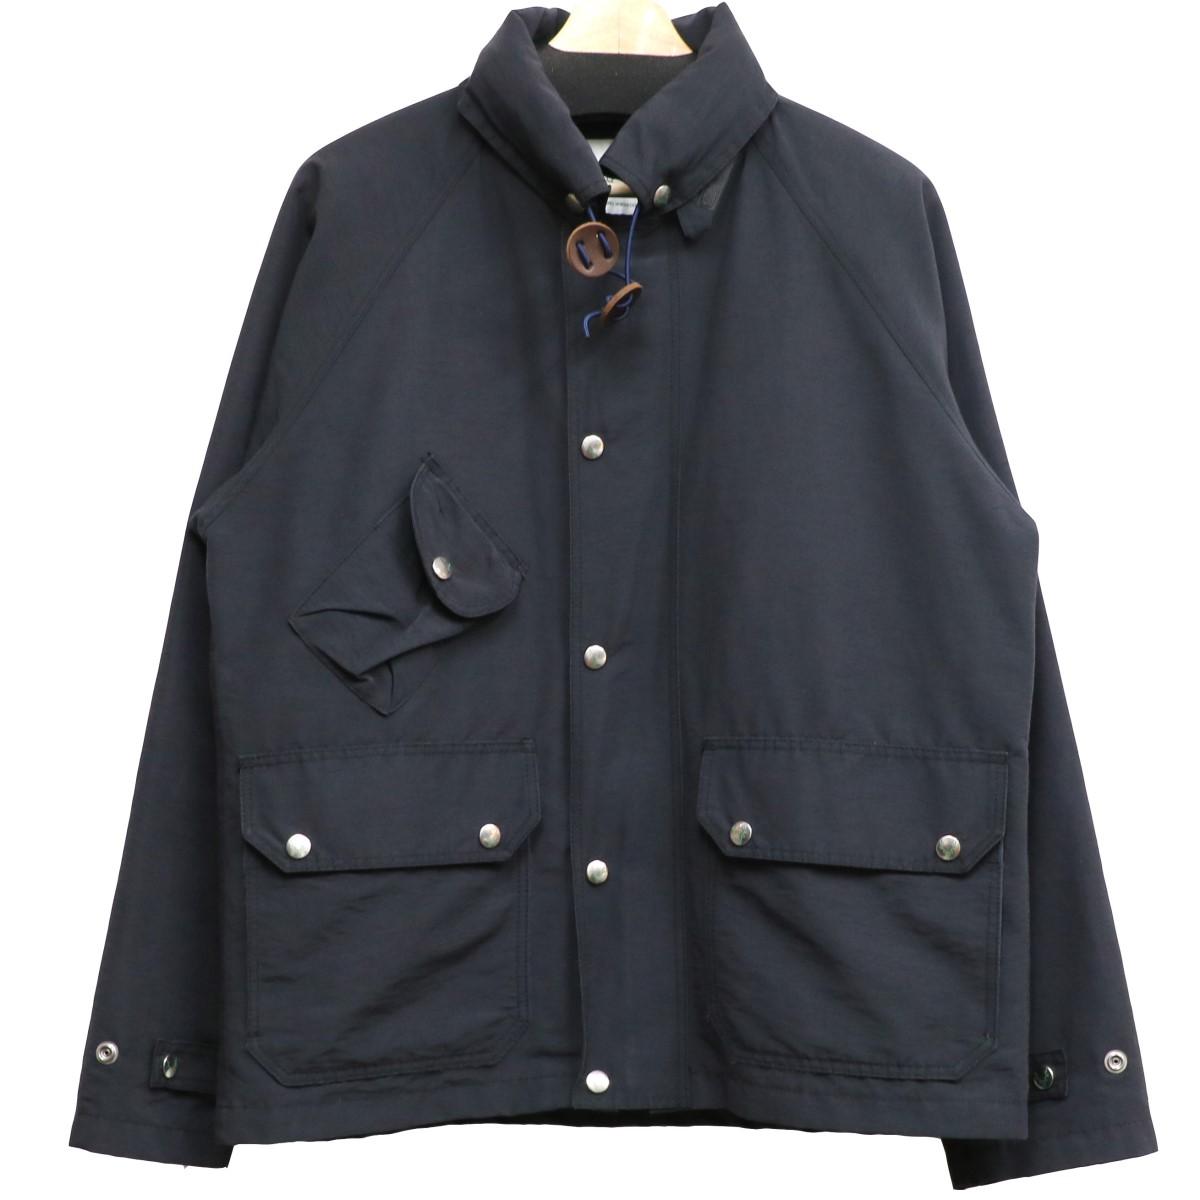 【中古】South2 West8 S2W8 Carmel Jacket60/40カーメルジャケット ネイビー サイズ:S 【120720】(サウスツーウエストエイト)